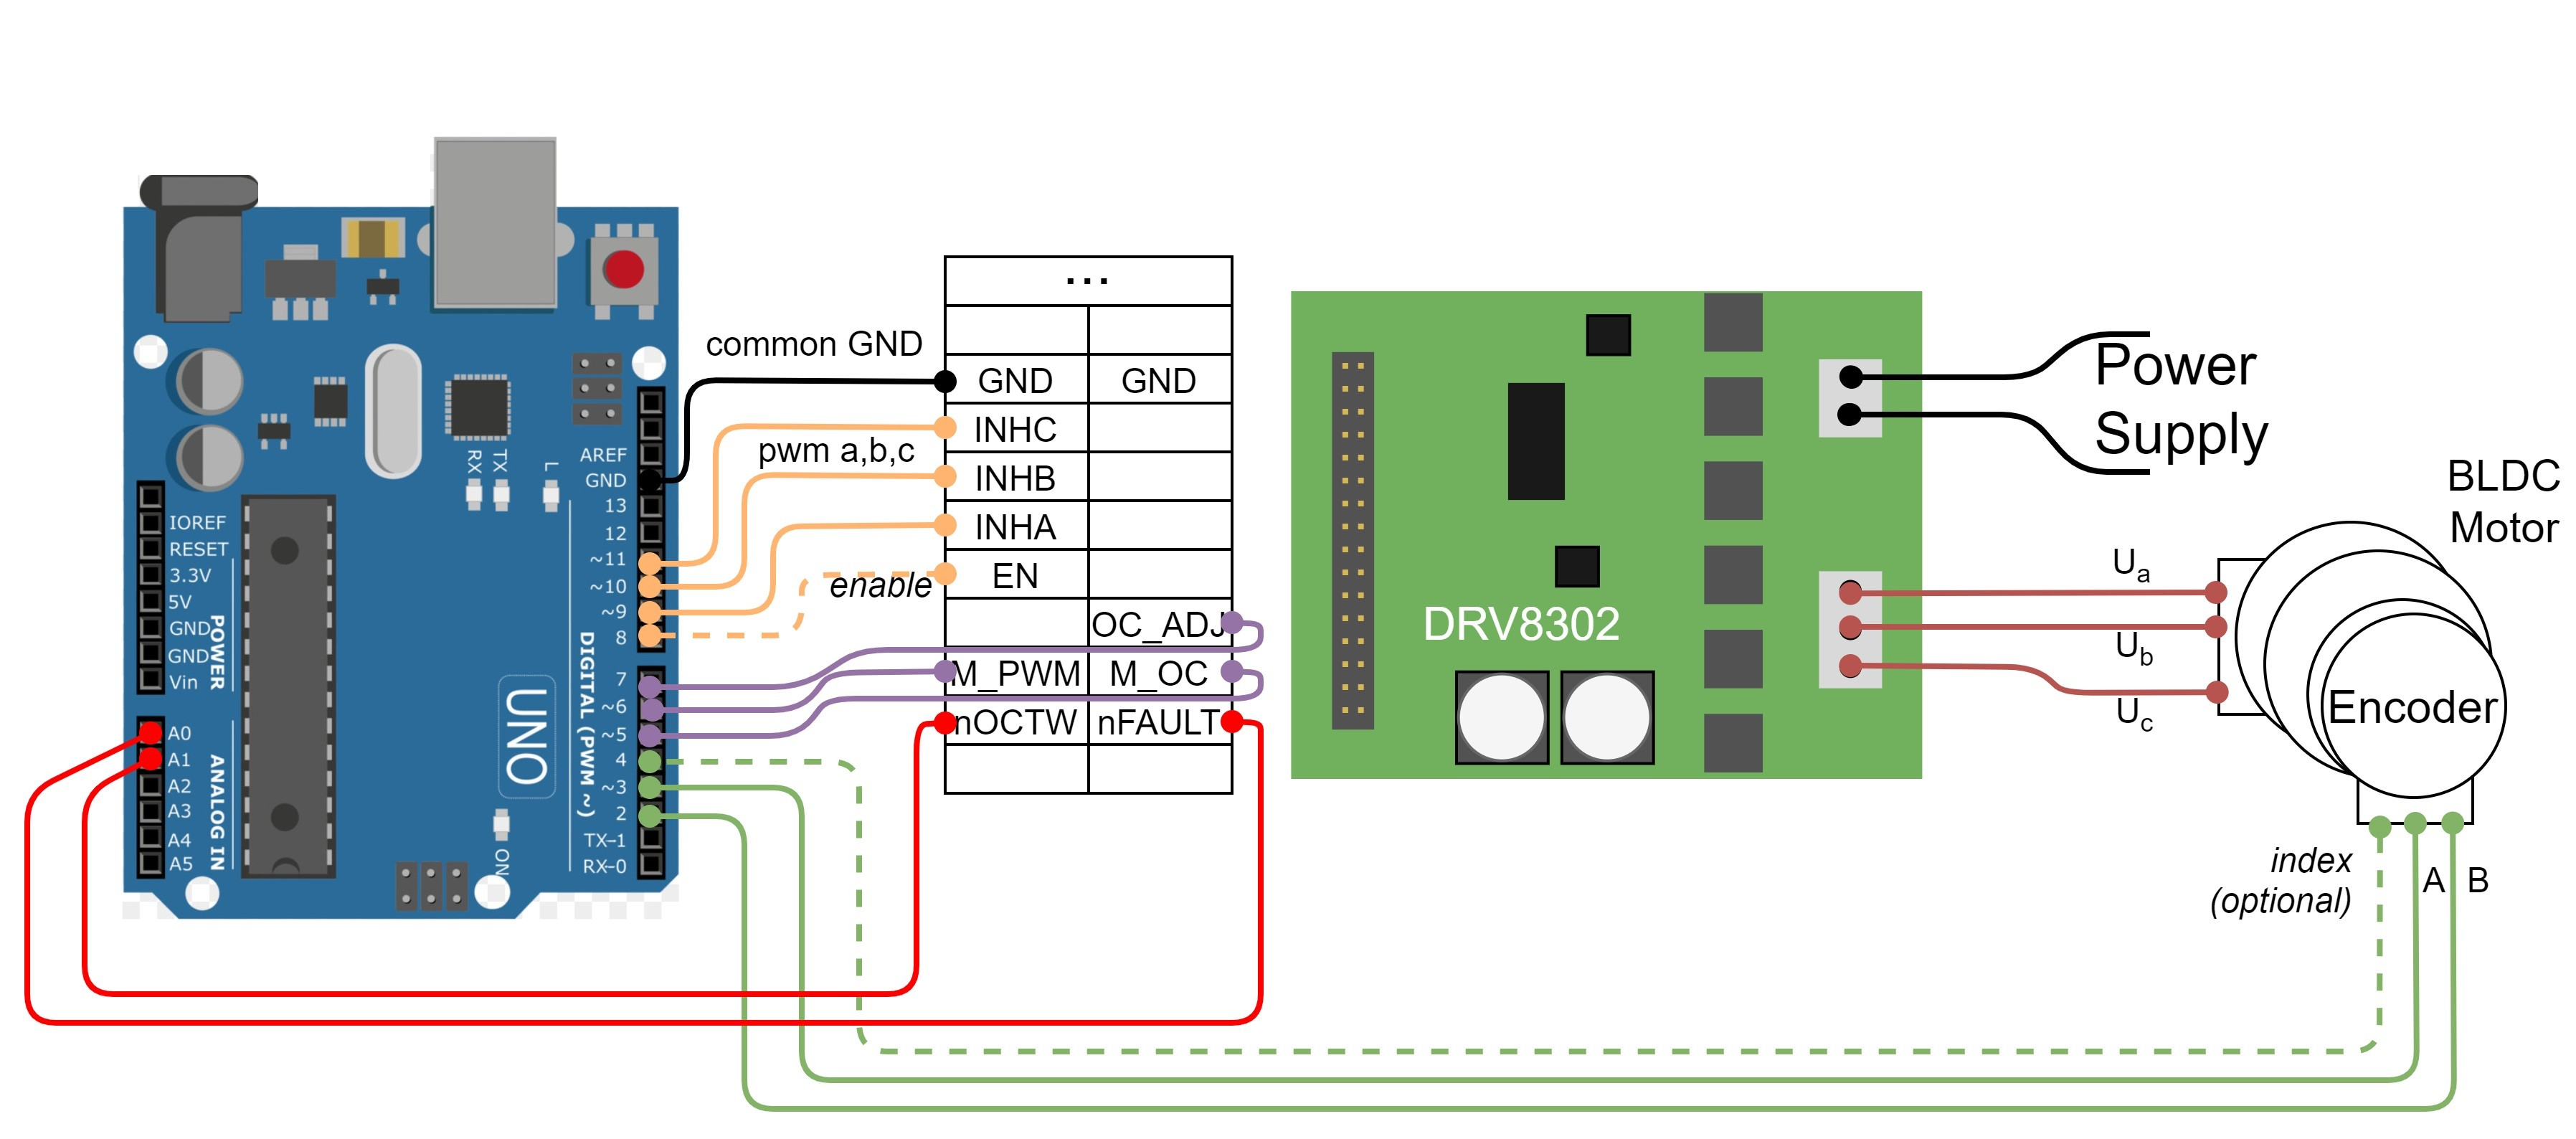 Brushless Dc Motor Diagram Drv8302 Example Of Brushless Dc Motor Diagram